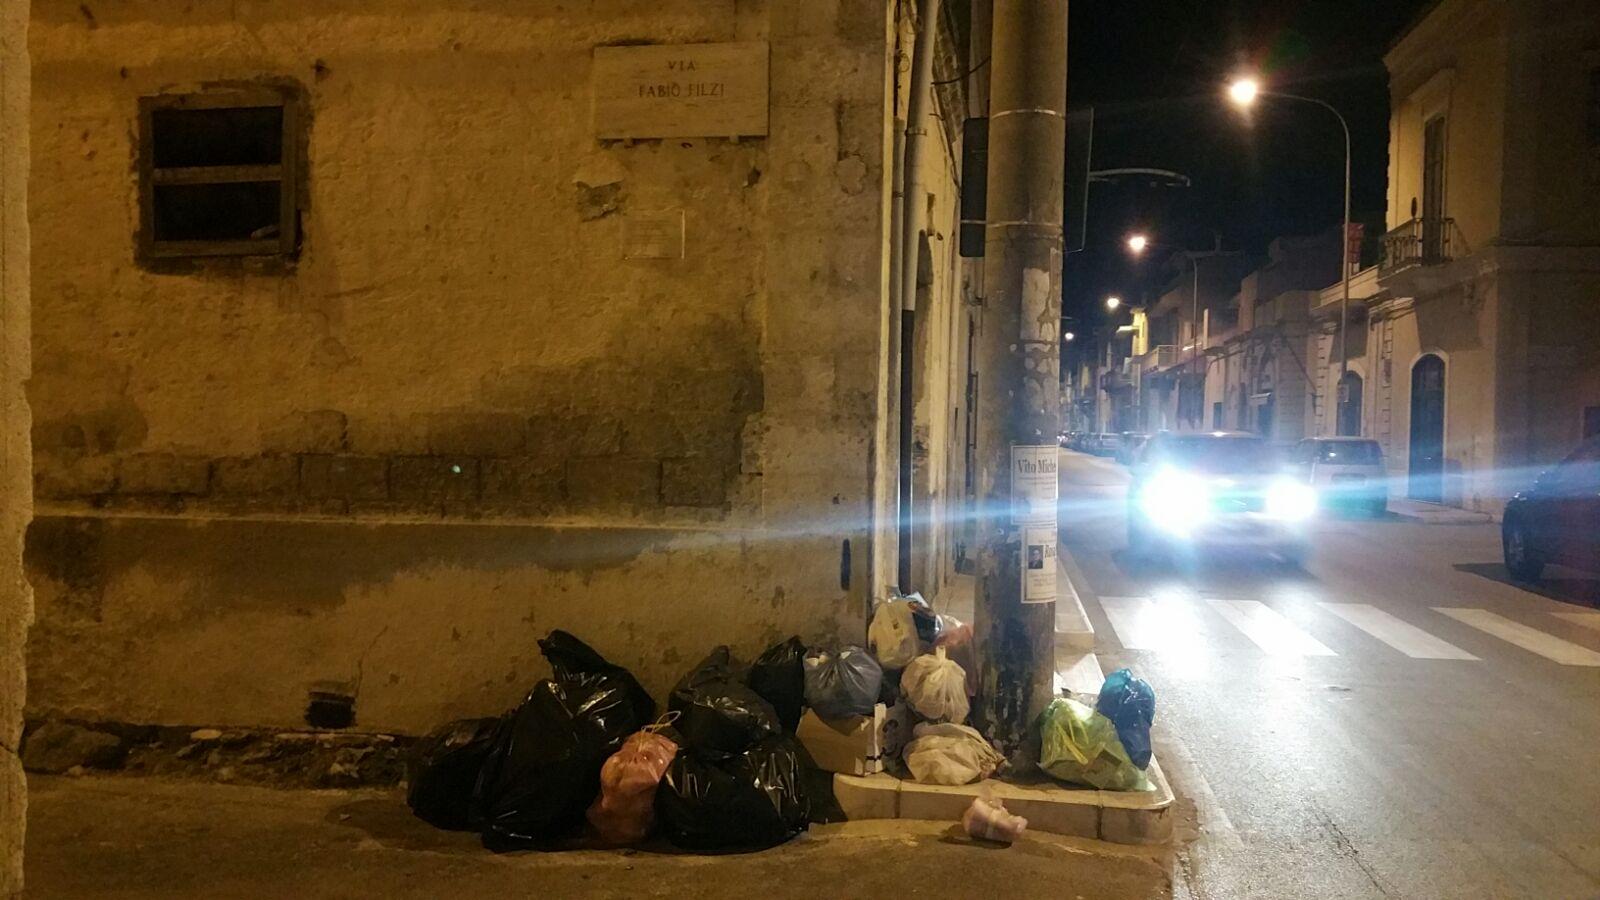 Carbonara Di Bari Storia bari, immondizia abbandonata sui marciapiedi: le strade di